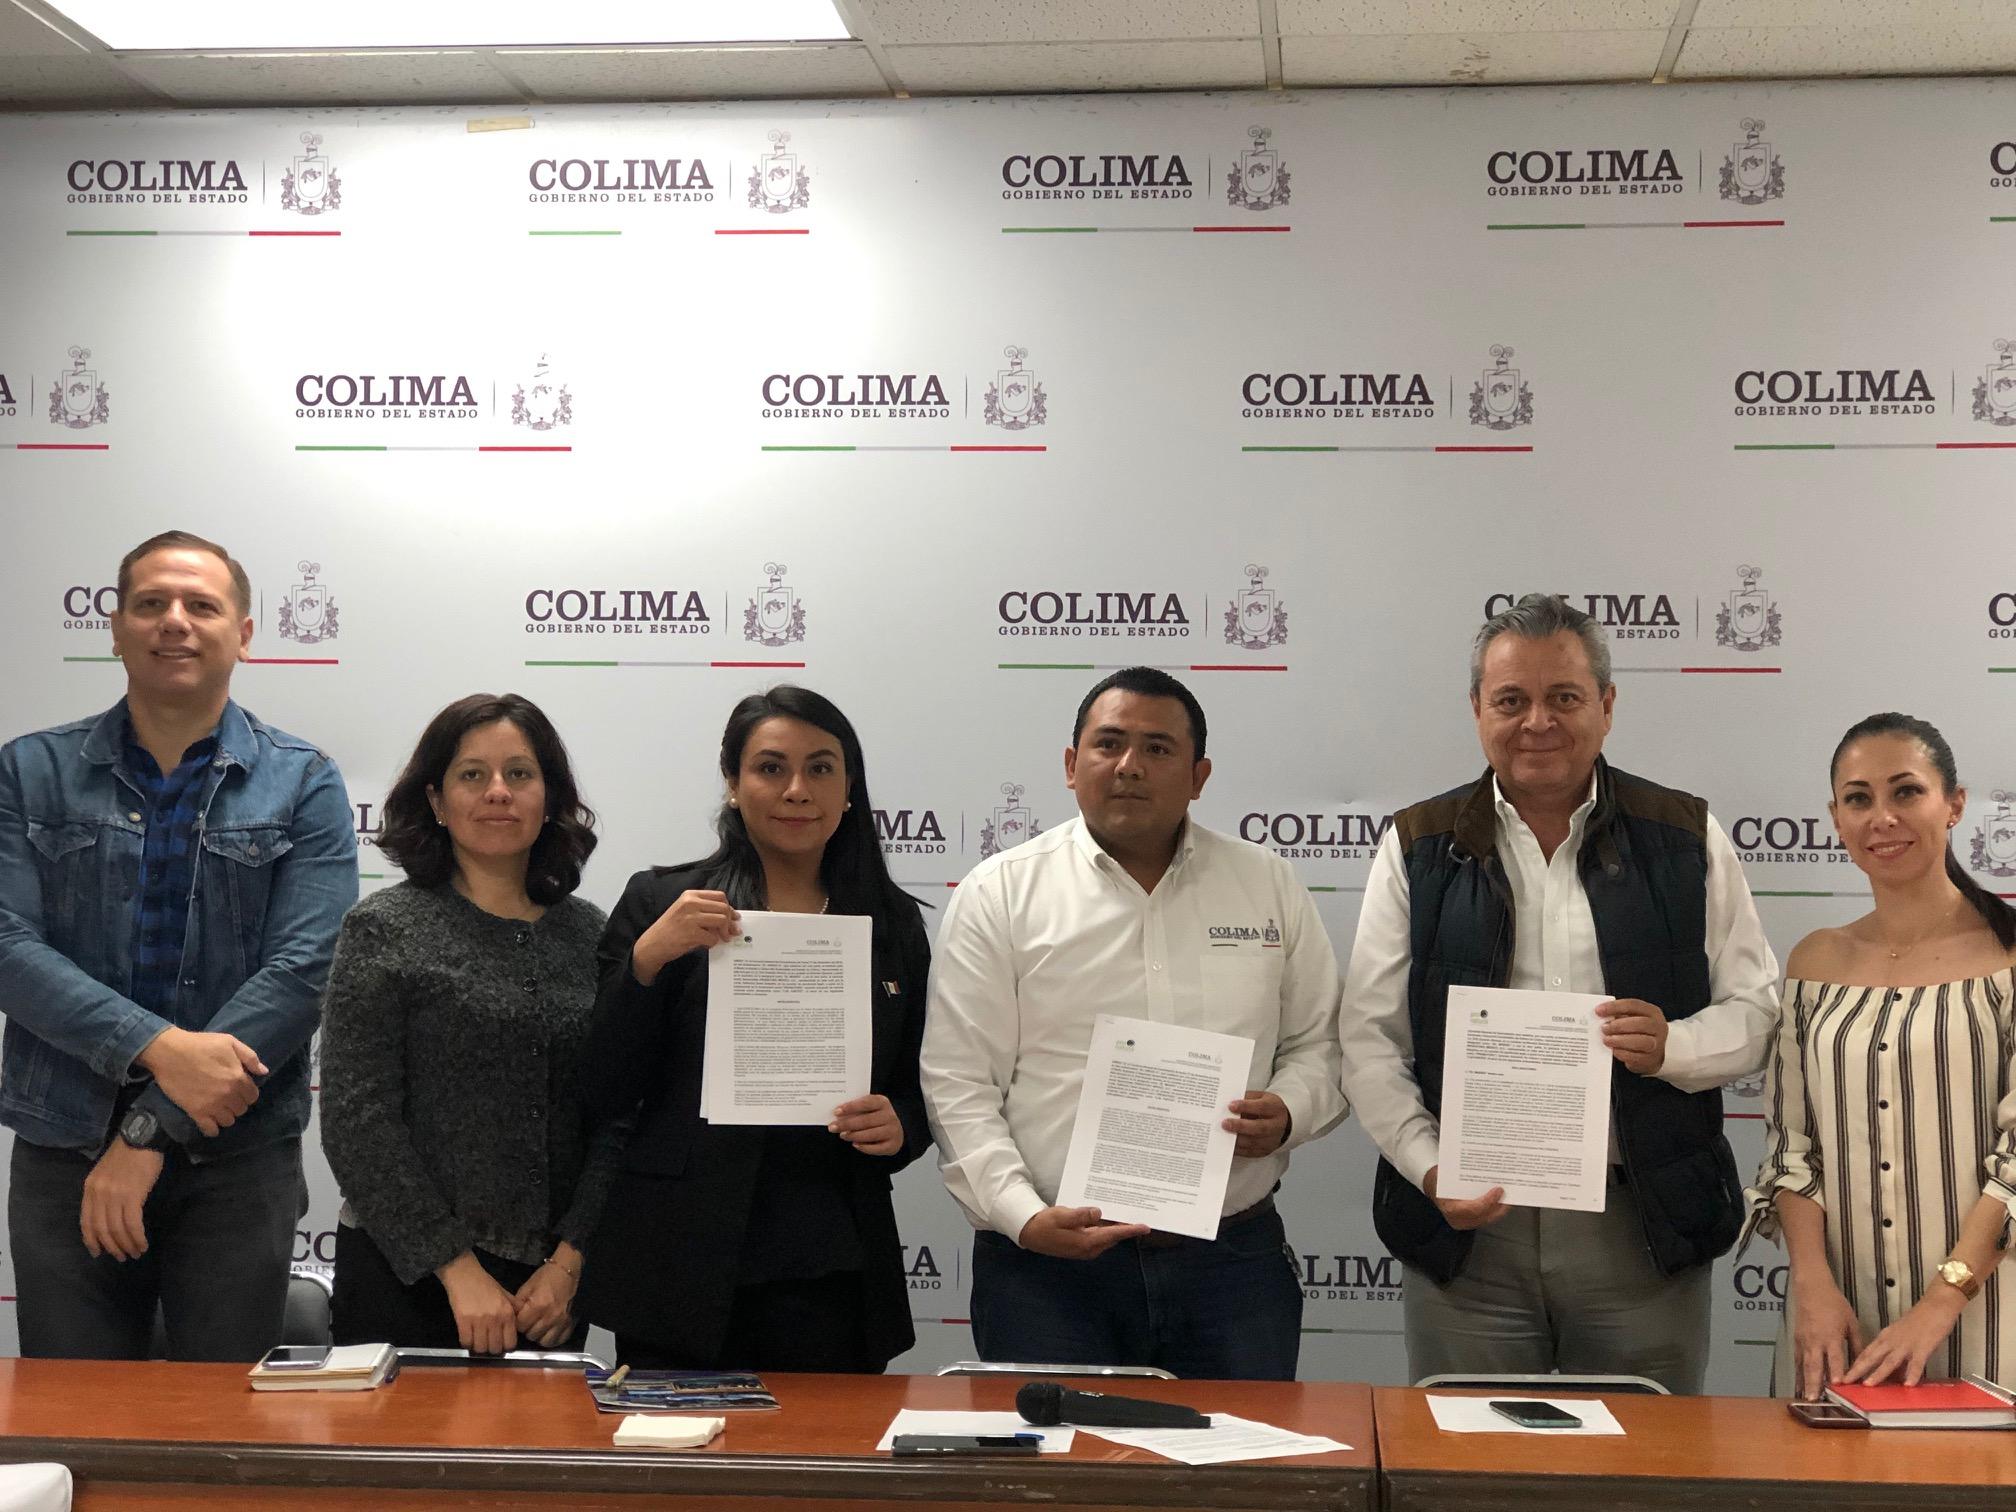 Se celebra la 2da sesión ordinaria del Consejo Estatal para la Mitigación y Adaptación Ante los Efectos del Cambio Climático del Estado de Colima